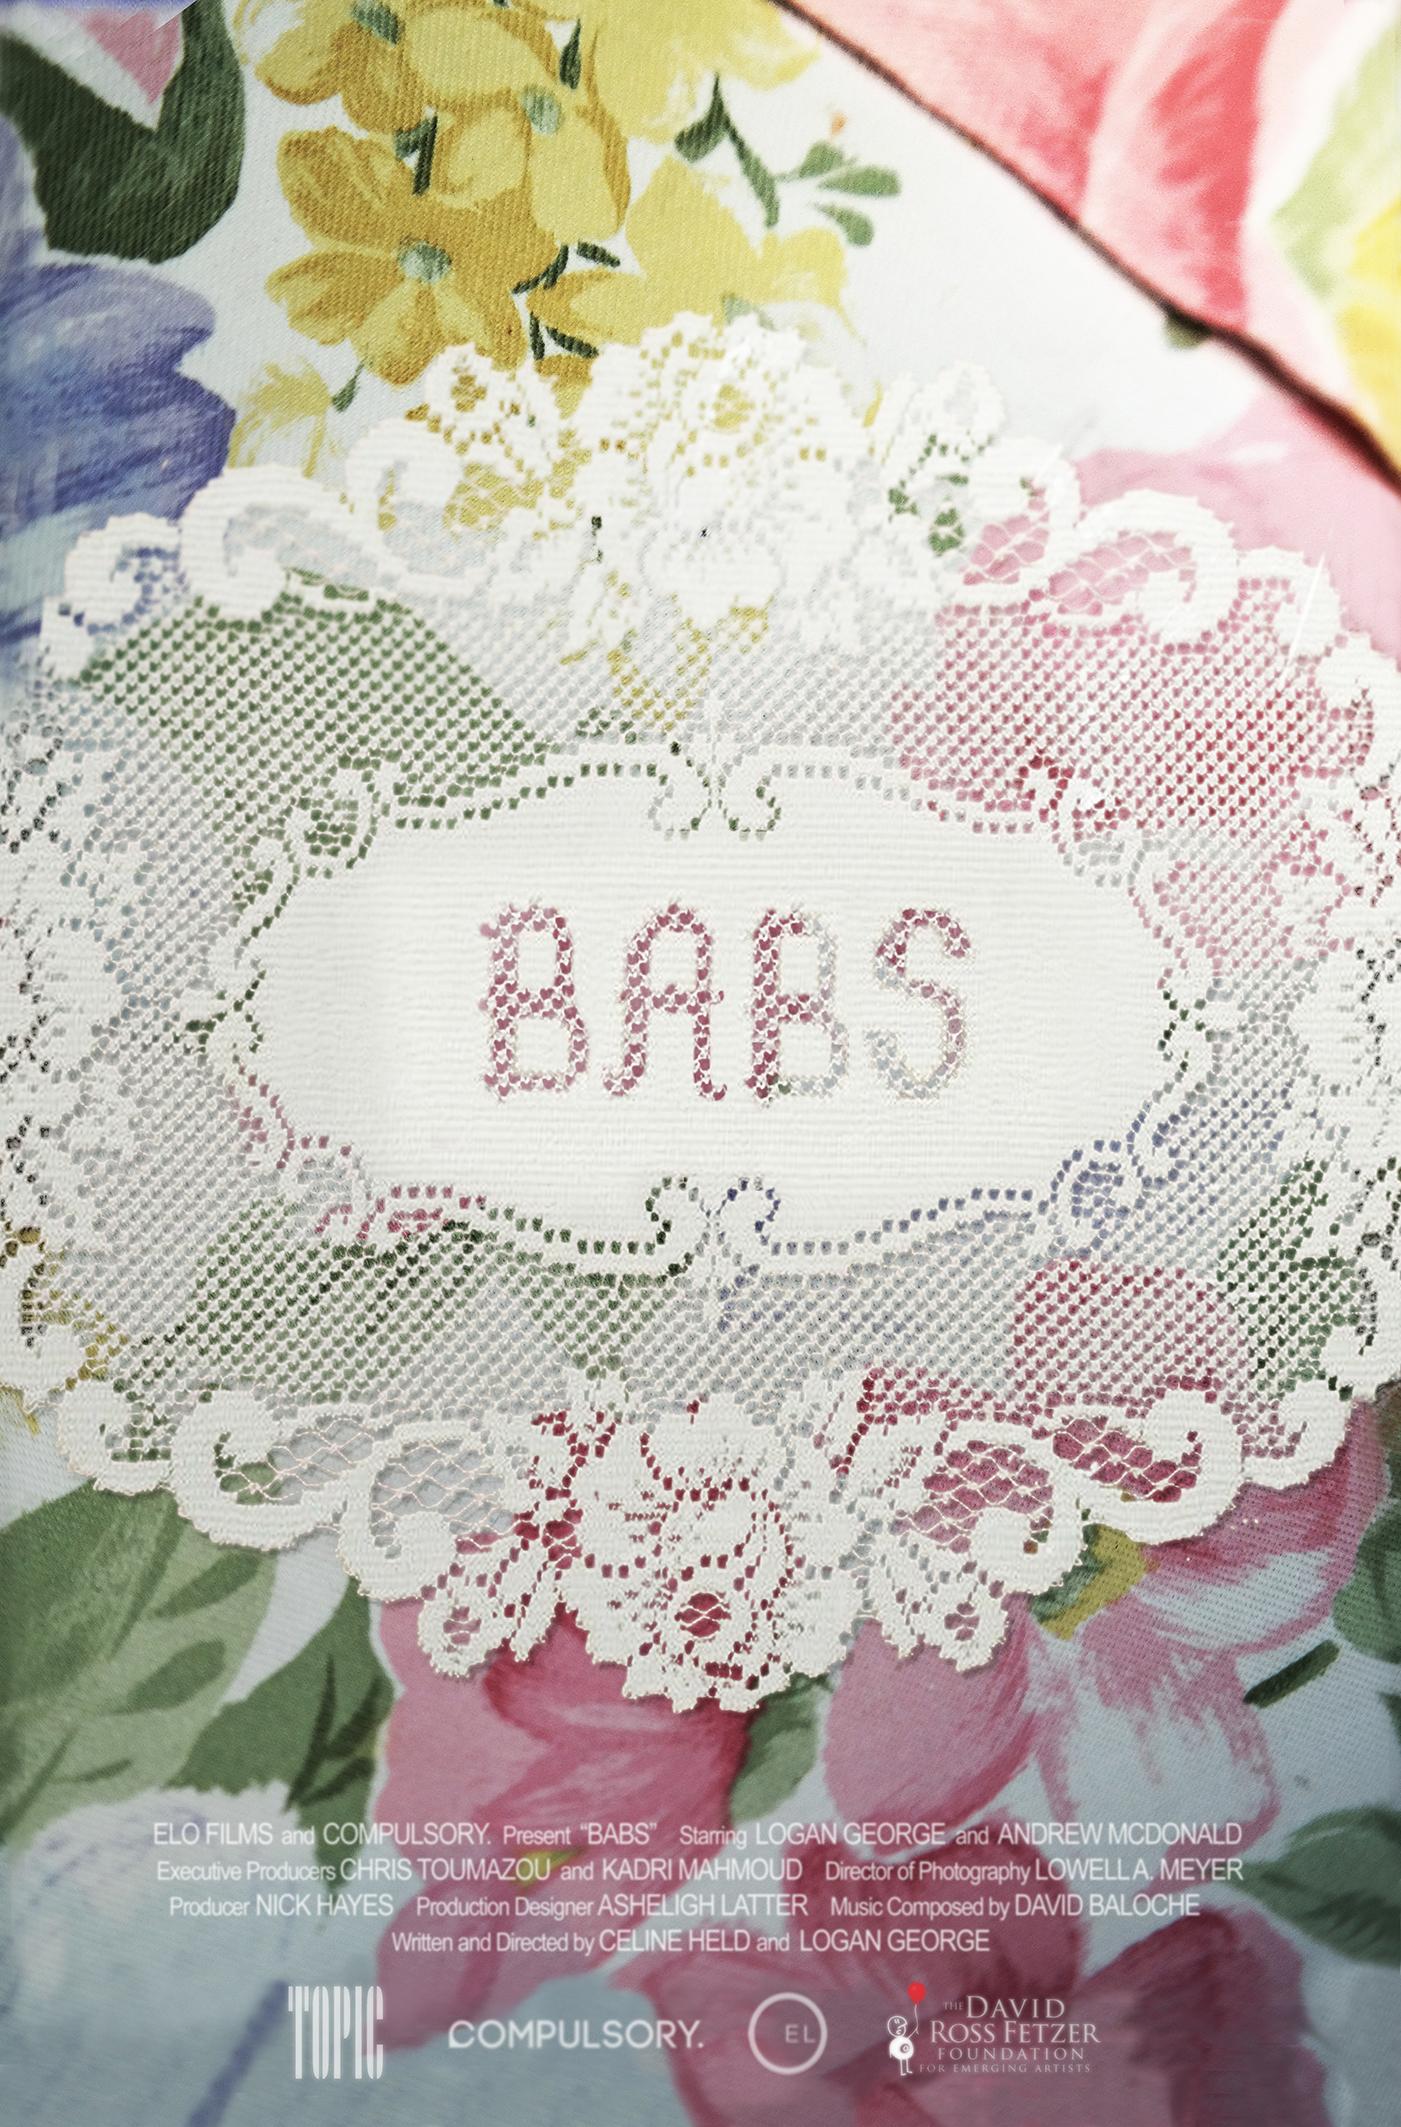 babs scene